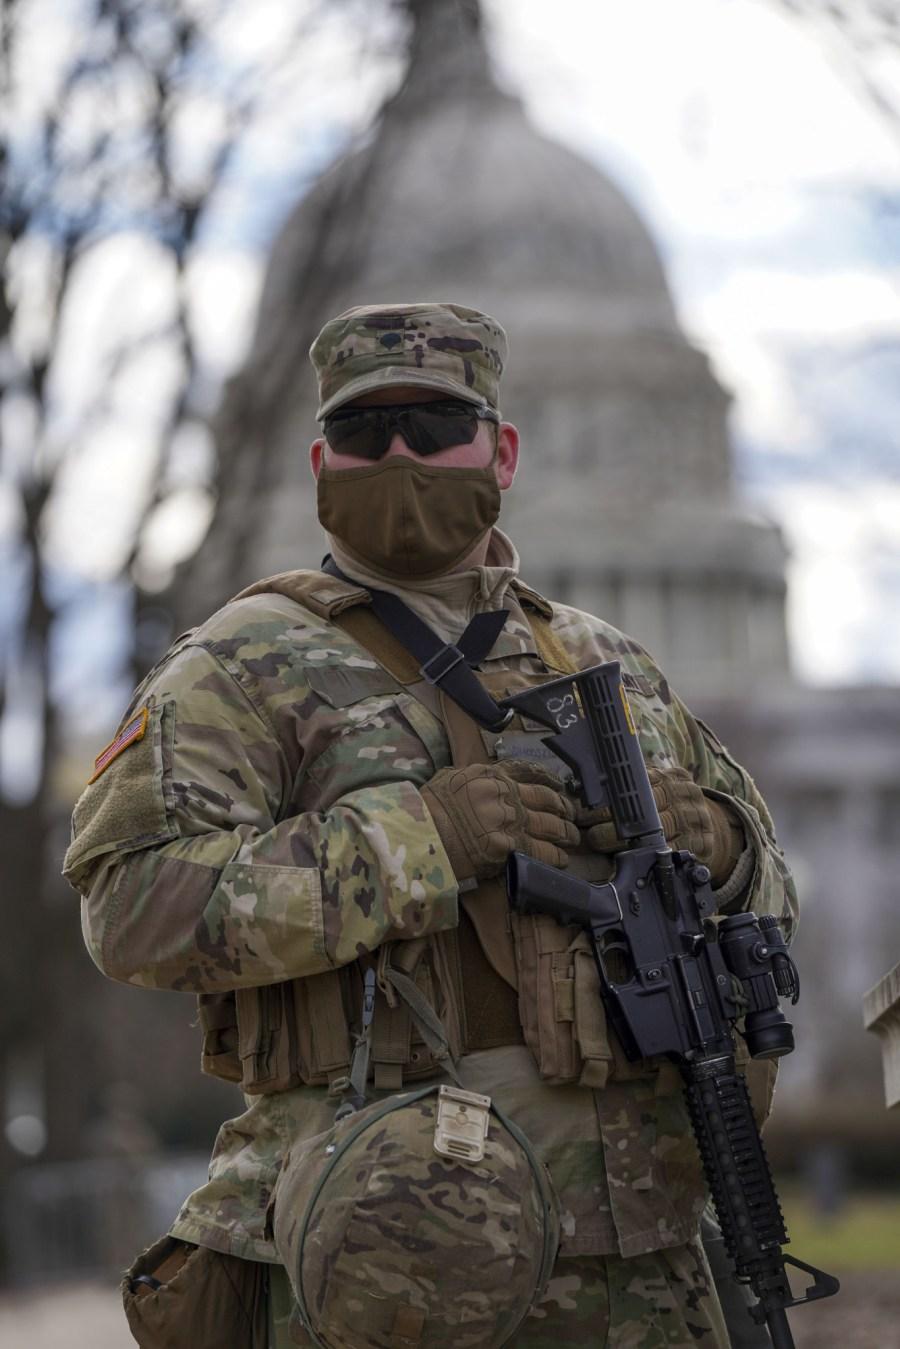 美國首都華盛頓,連日來華盛頓特區的安保措施日趨嚴密,國民警衛隊士兵嚴陣以待,荷槍實彈巡邏。五角大樓日前宣布,已派遣2.5萬名國民警衛隊士兵協助總統就職典禮的安保工作。